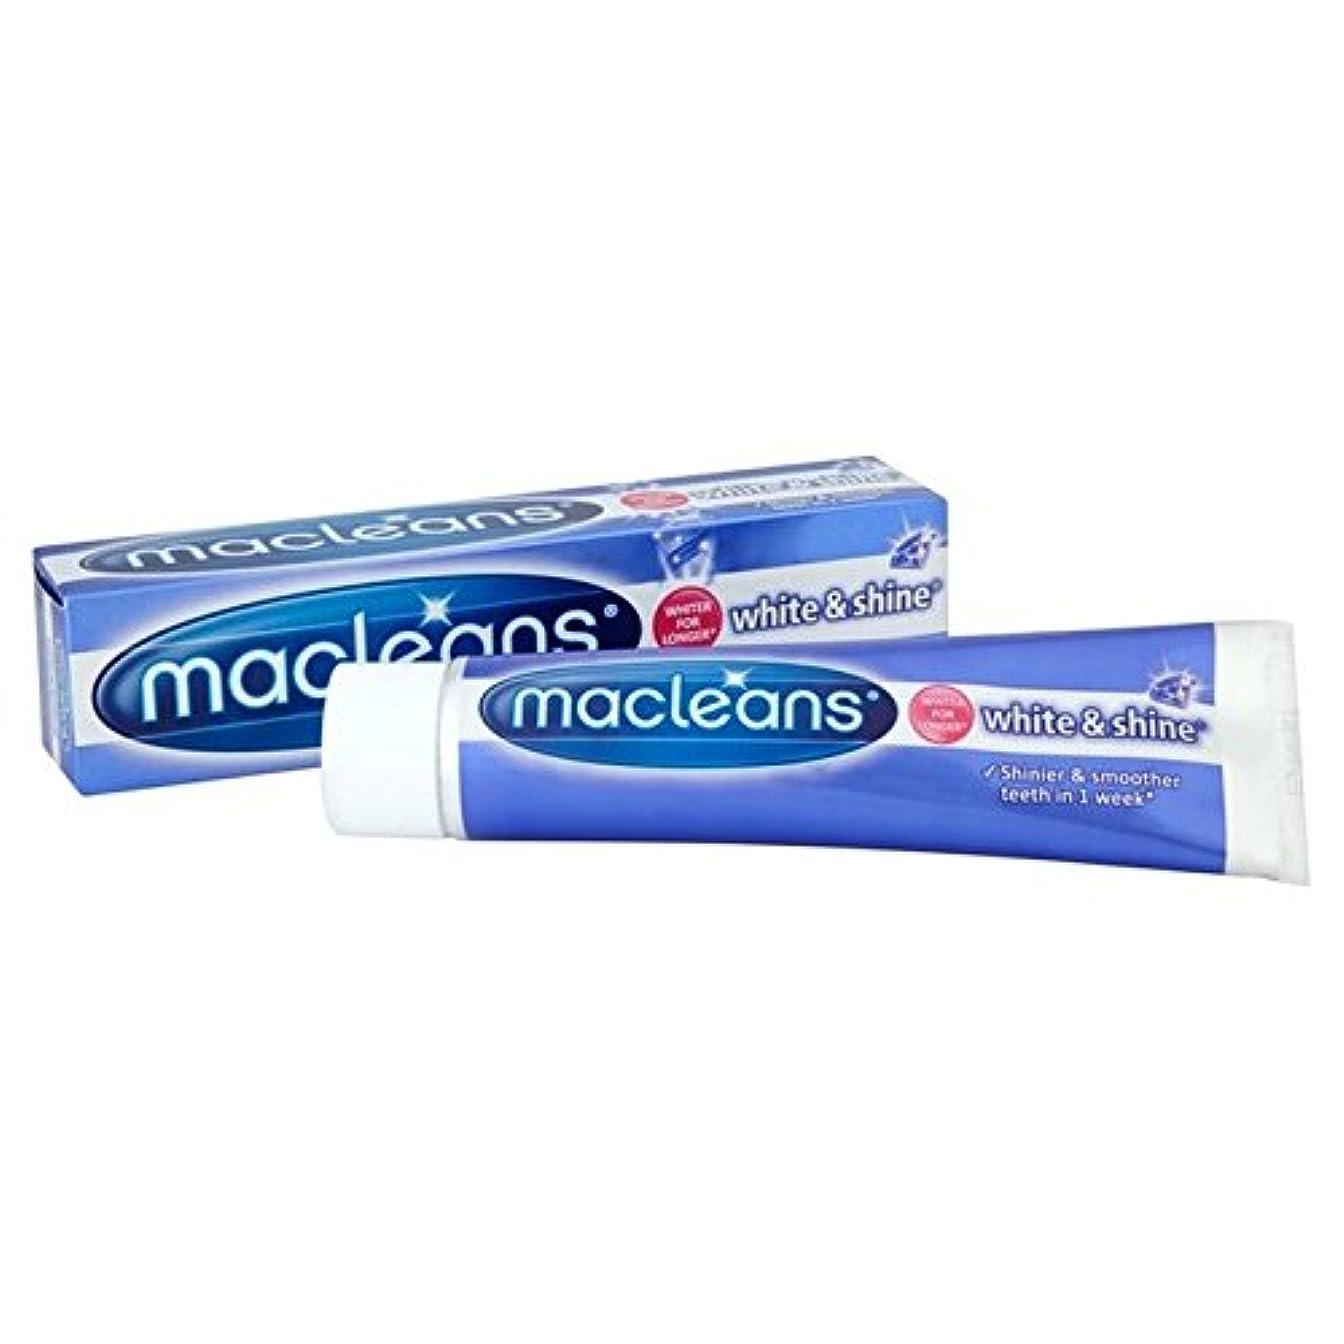 ダーリンコウモリ時刻表Macleans White'n'shine Toothpaste 100ml (Pack of 6) - ''歯磨き粉の100ミリリットル x6 [並行輸入品]